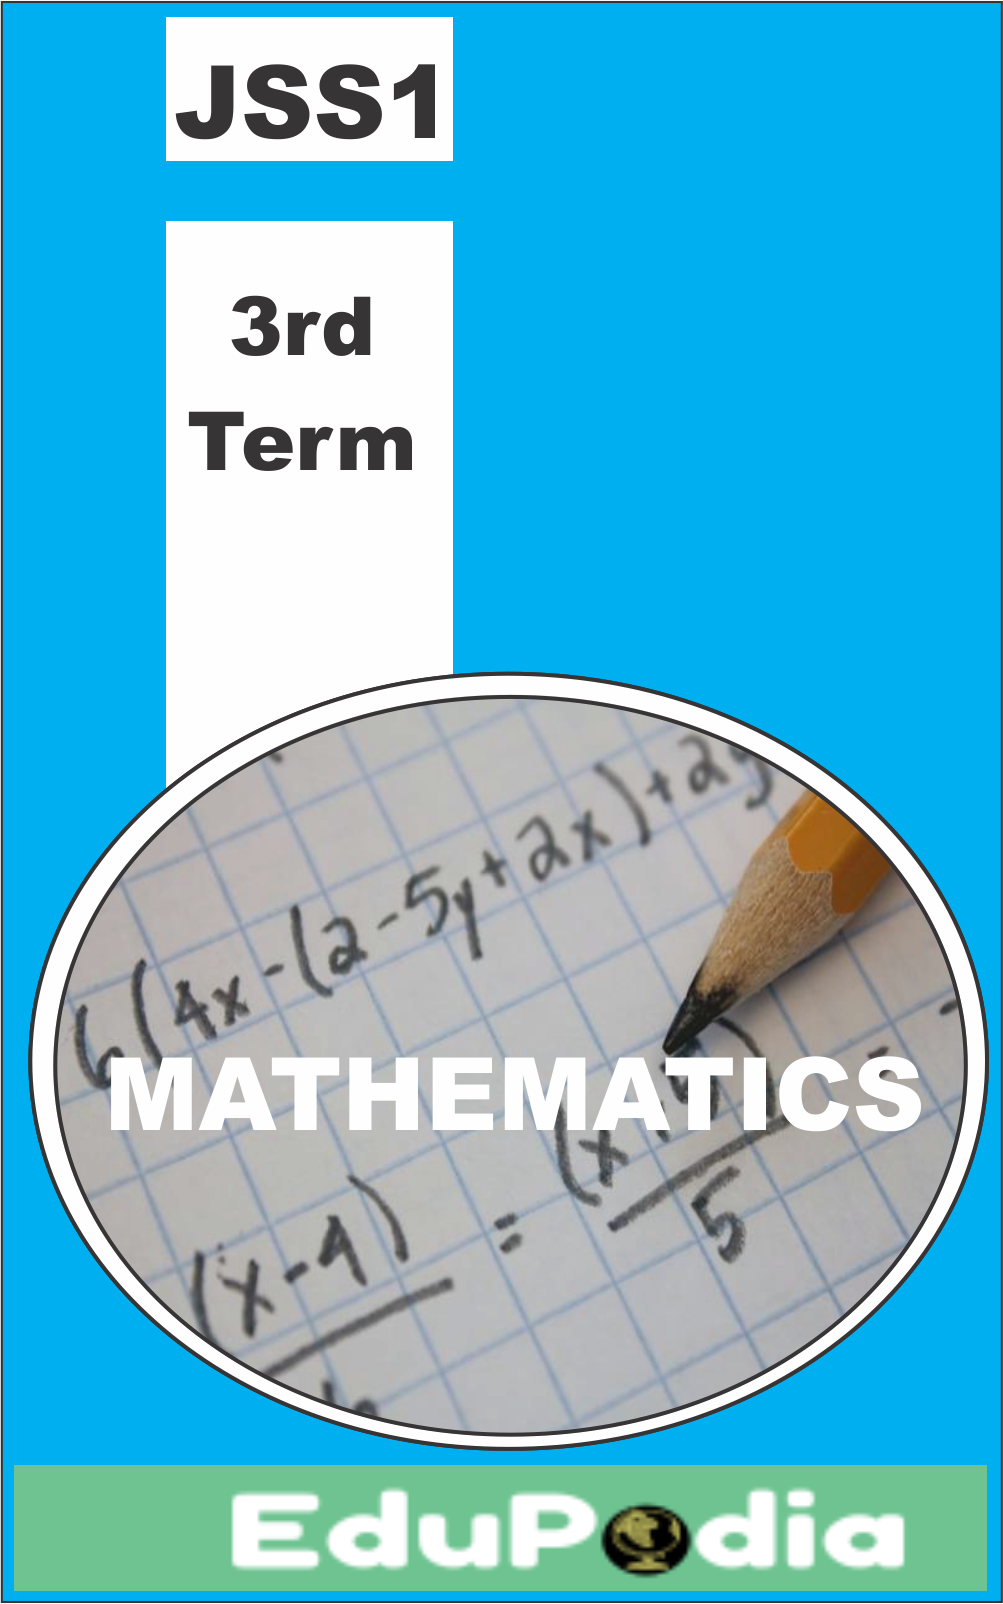 Third Term JSS1 Mathematics Lesson Note